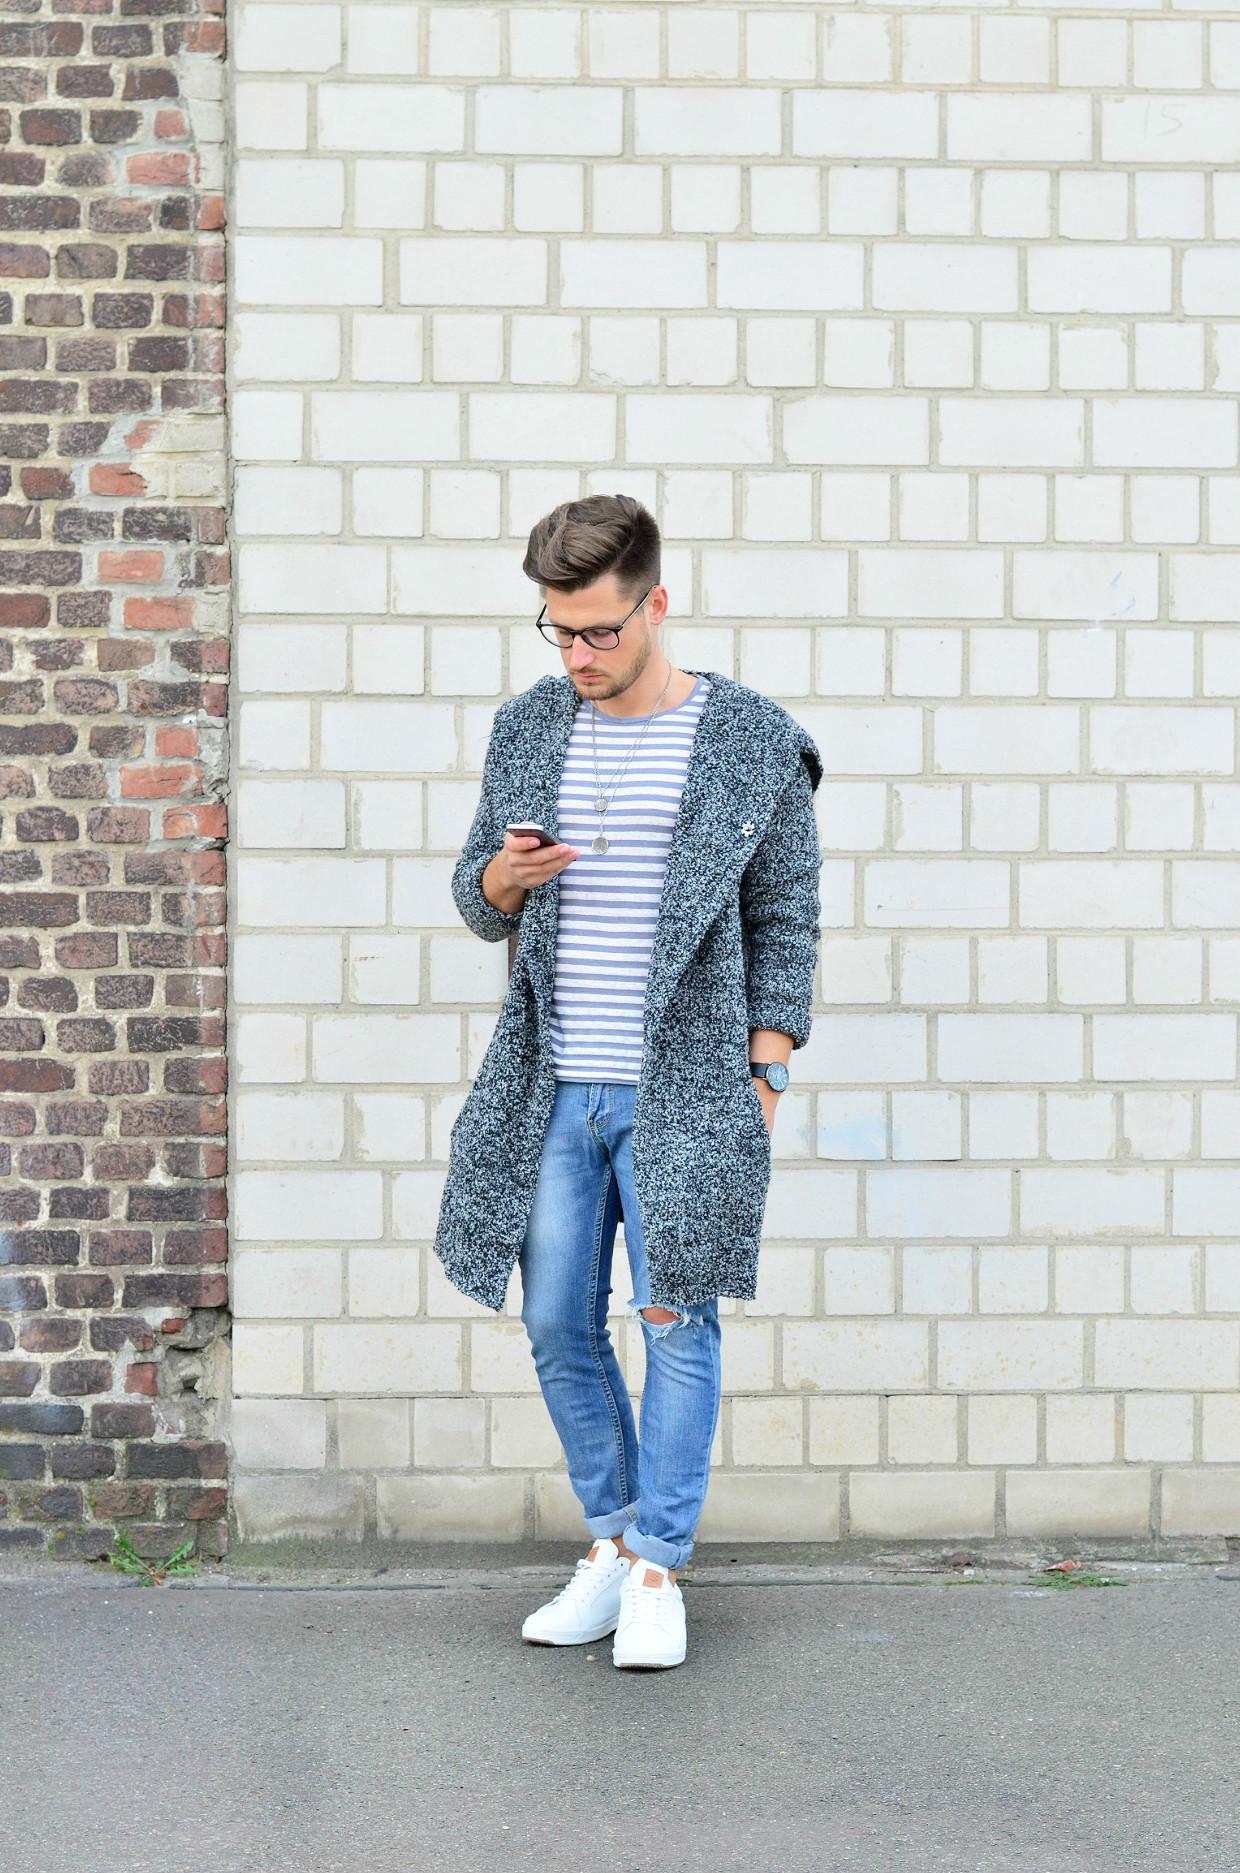 Männer-Blog-Berlin-Outfit-Cardigan-Jeans-Streifenshirt-Sneaker-Fashion